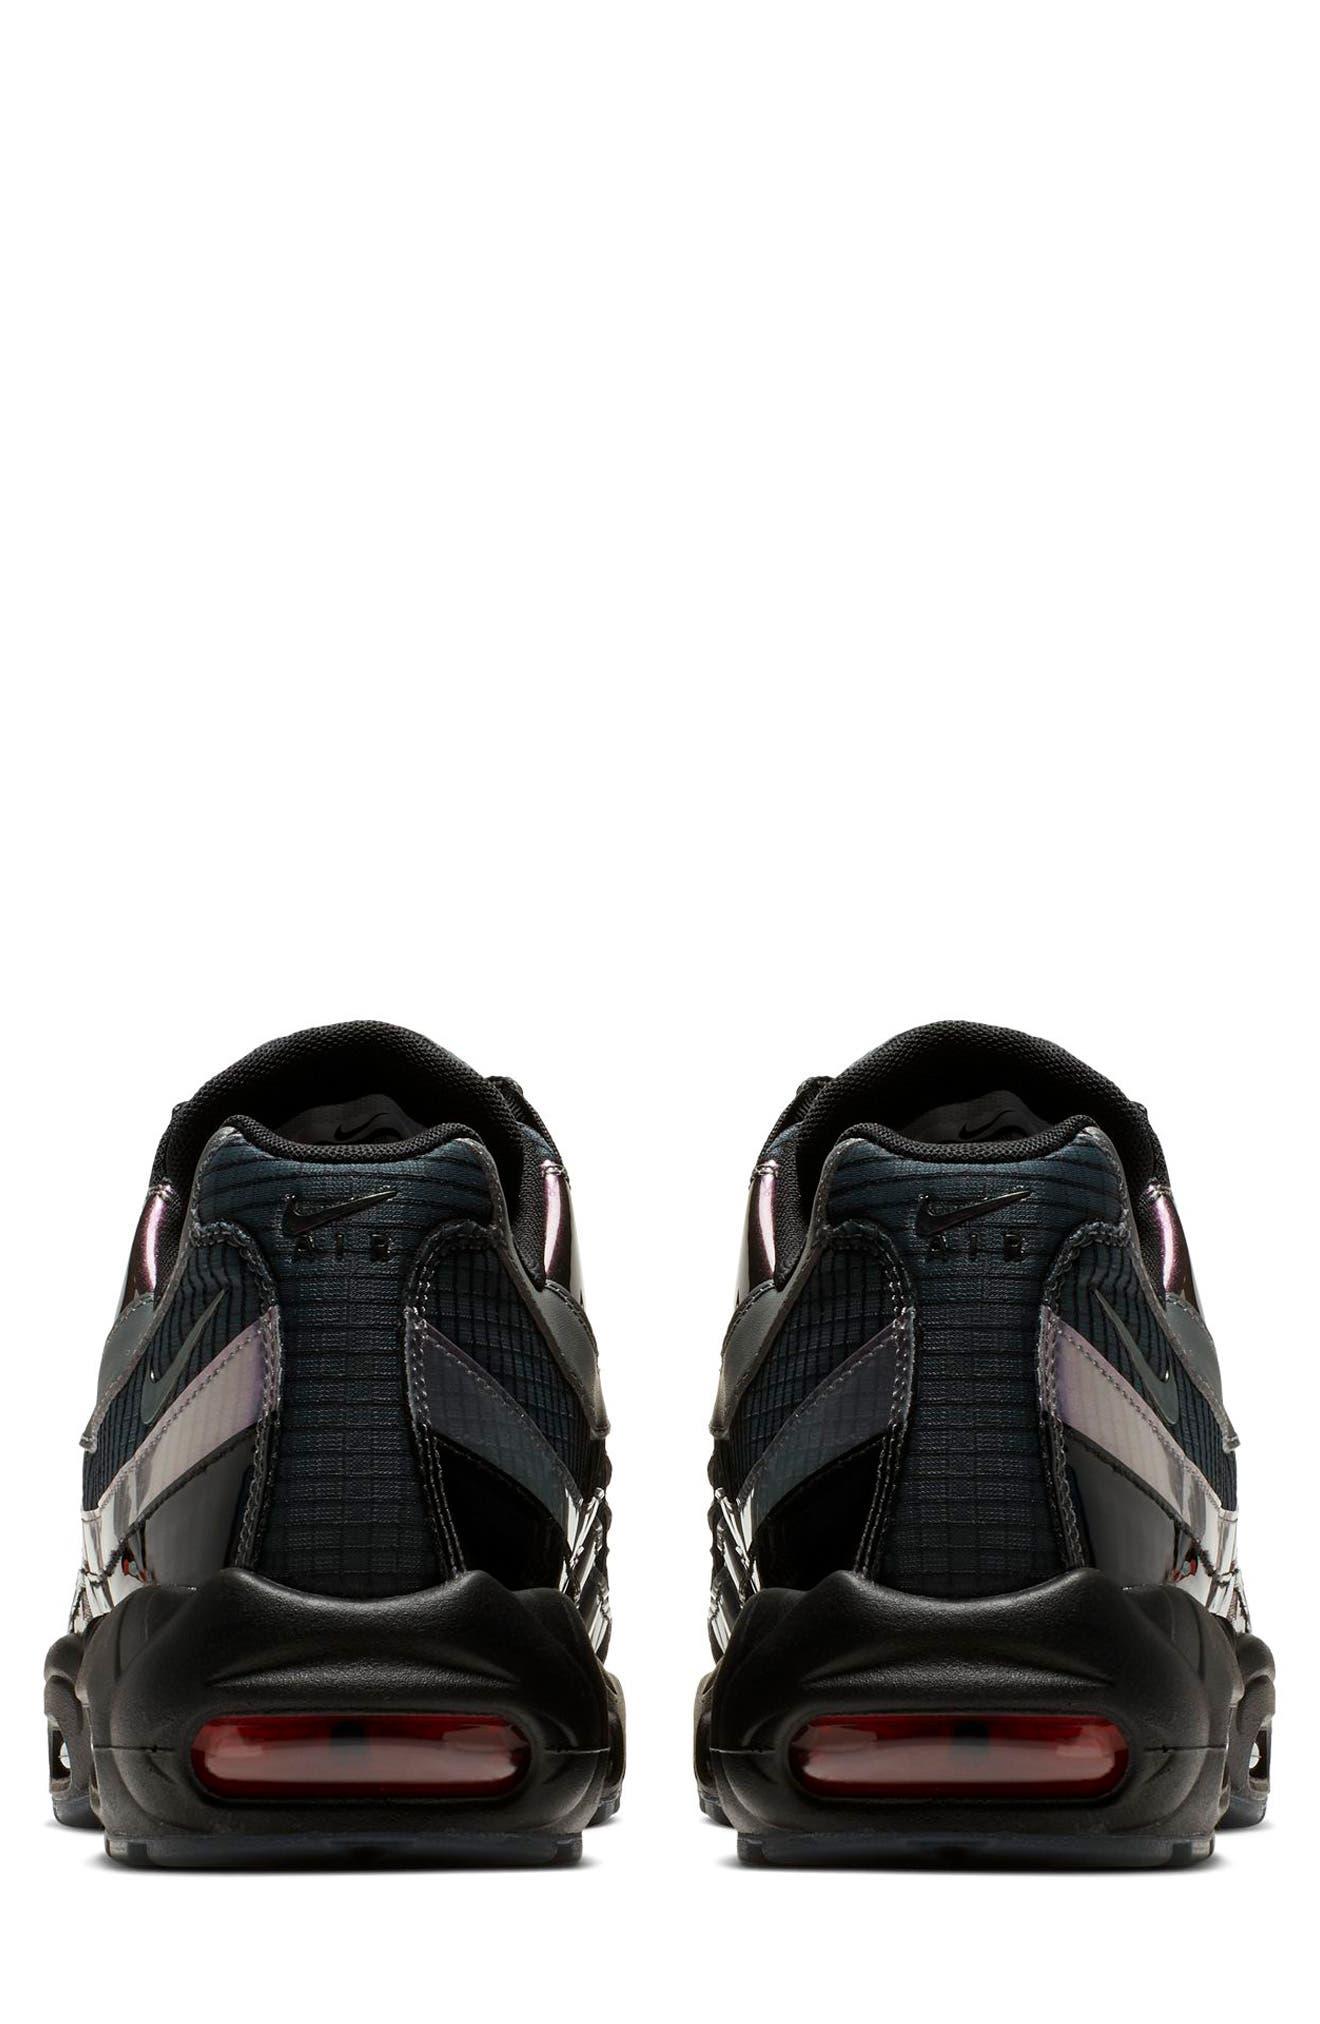 NIKE, Air Max 95 LV8 Sneaker, Alternate thumbnail 2, color, BLACK/ EMBER GLOW/ DARK GREY